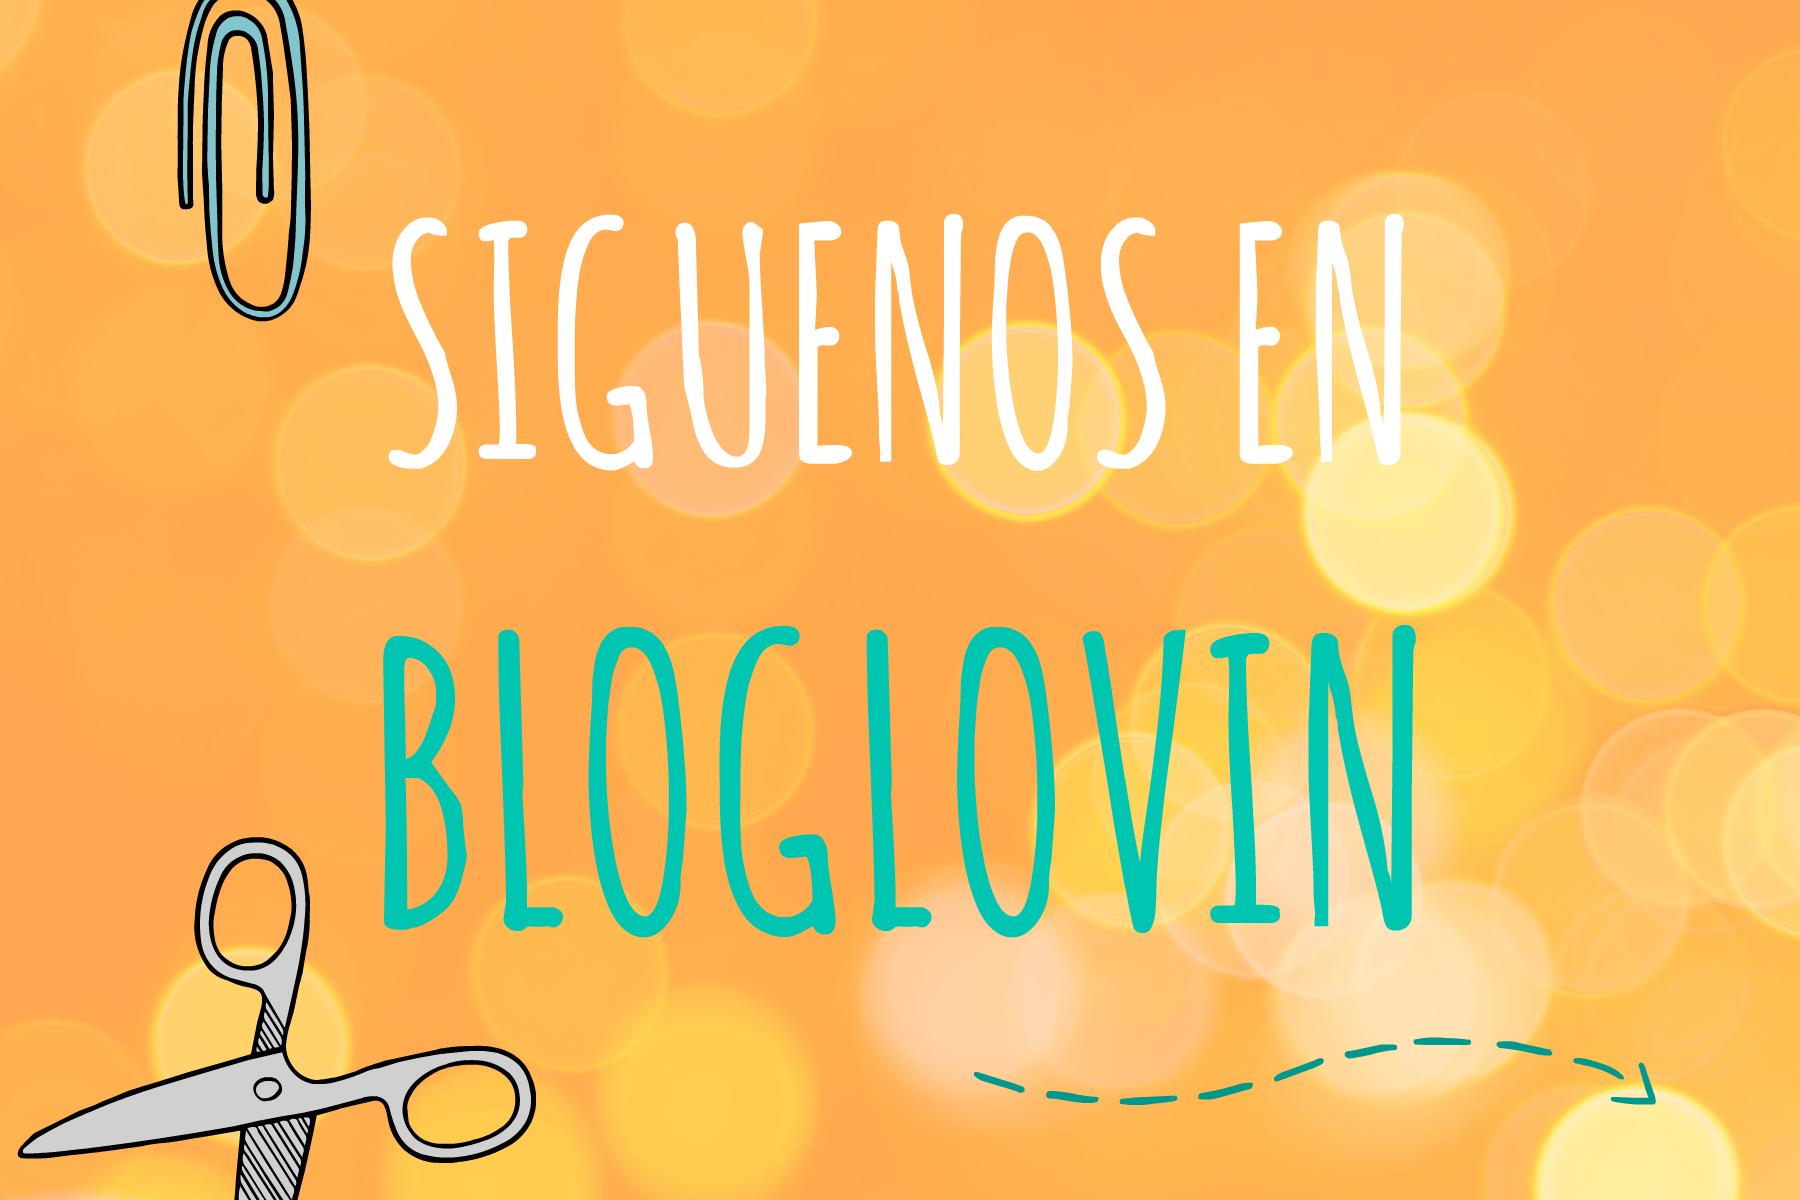 Seguinos en Bloglovin